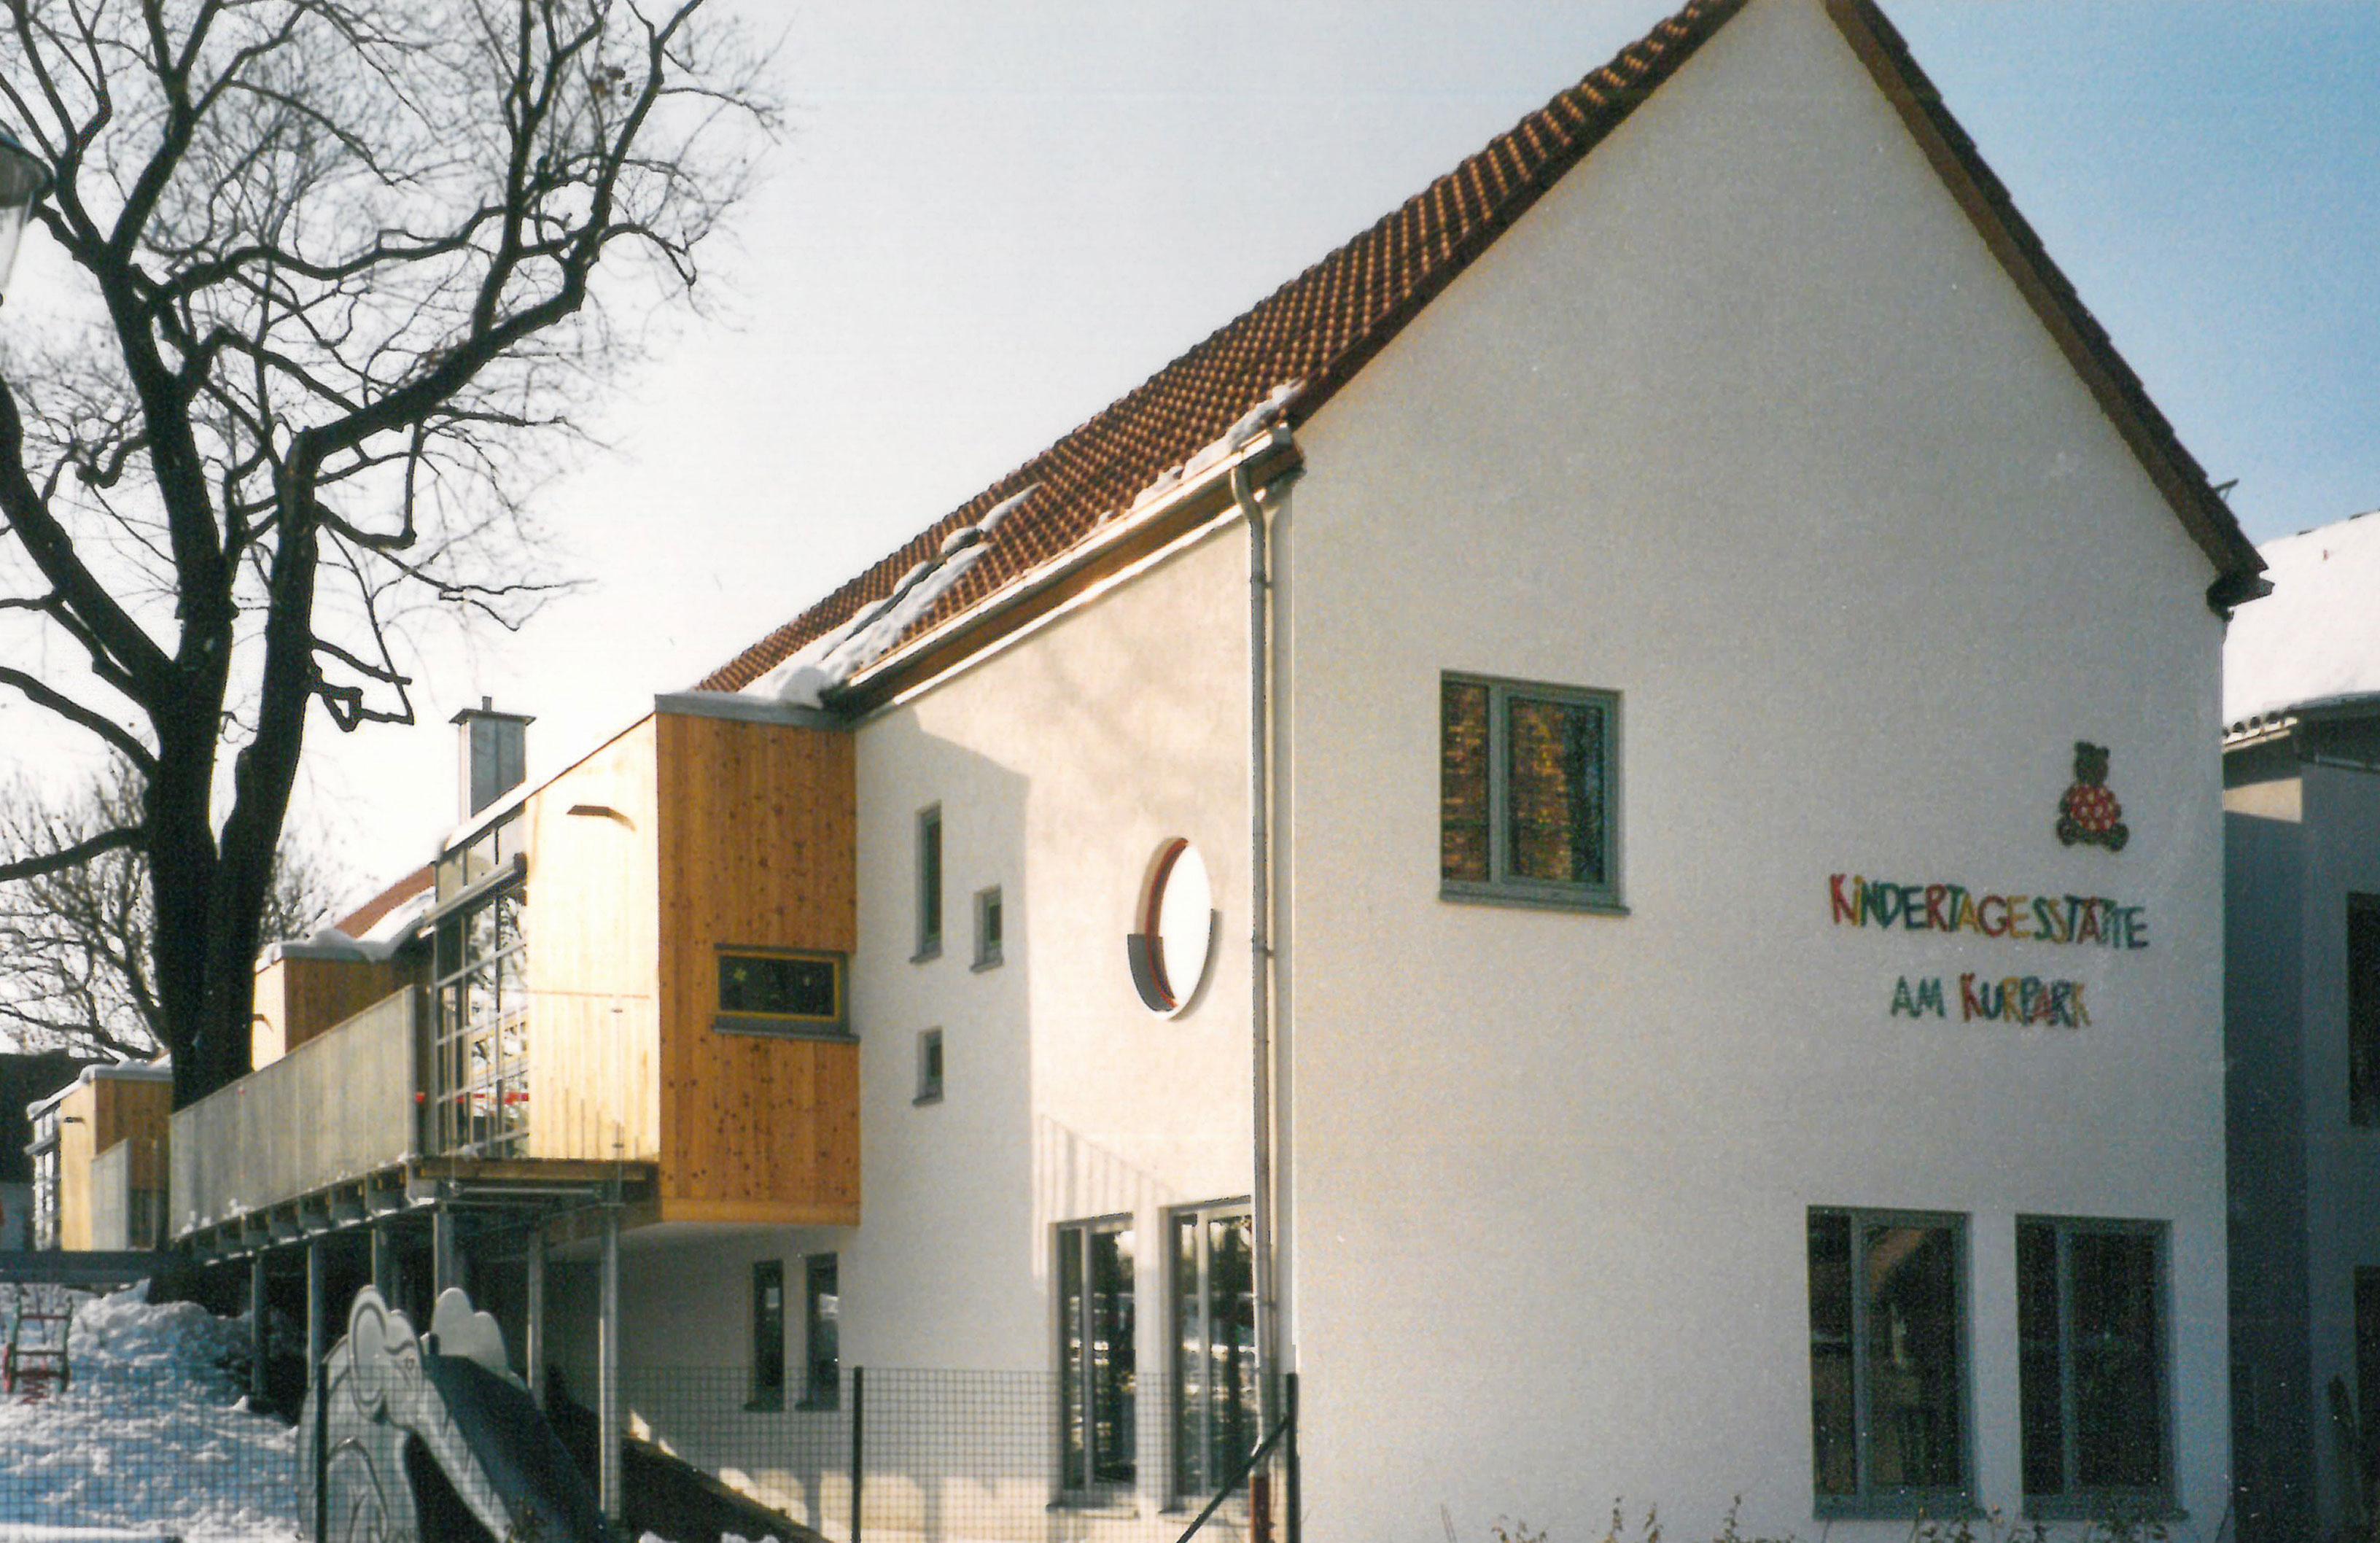 Straßenseite Neubau der Kindertagesstätte - Am Kurpark - Bad Lauchstädt - Planquadrat Dortmund